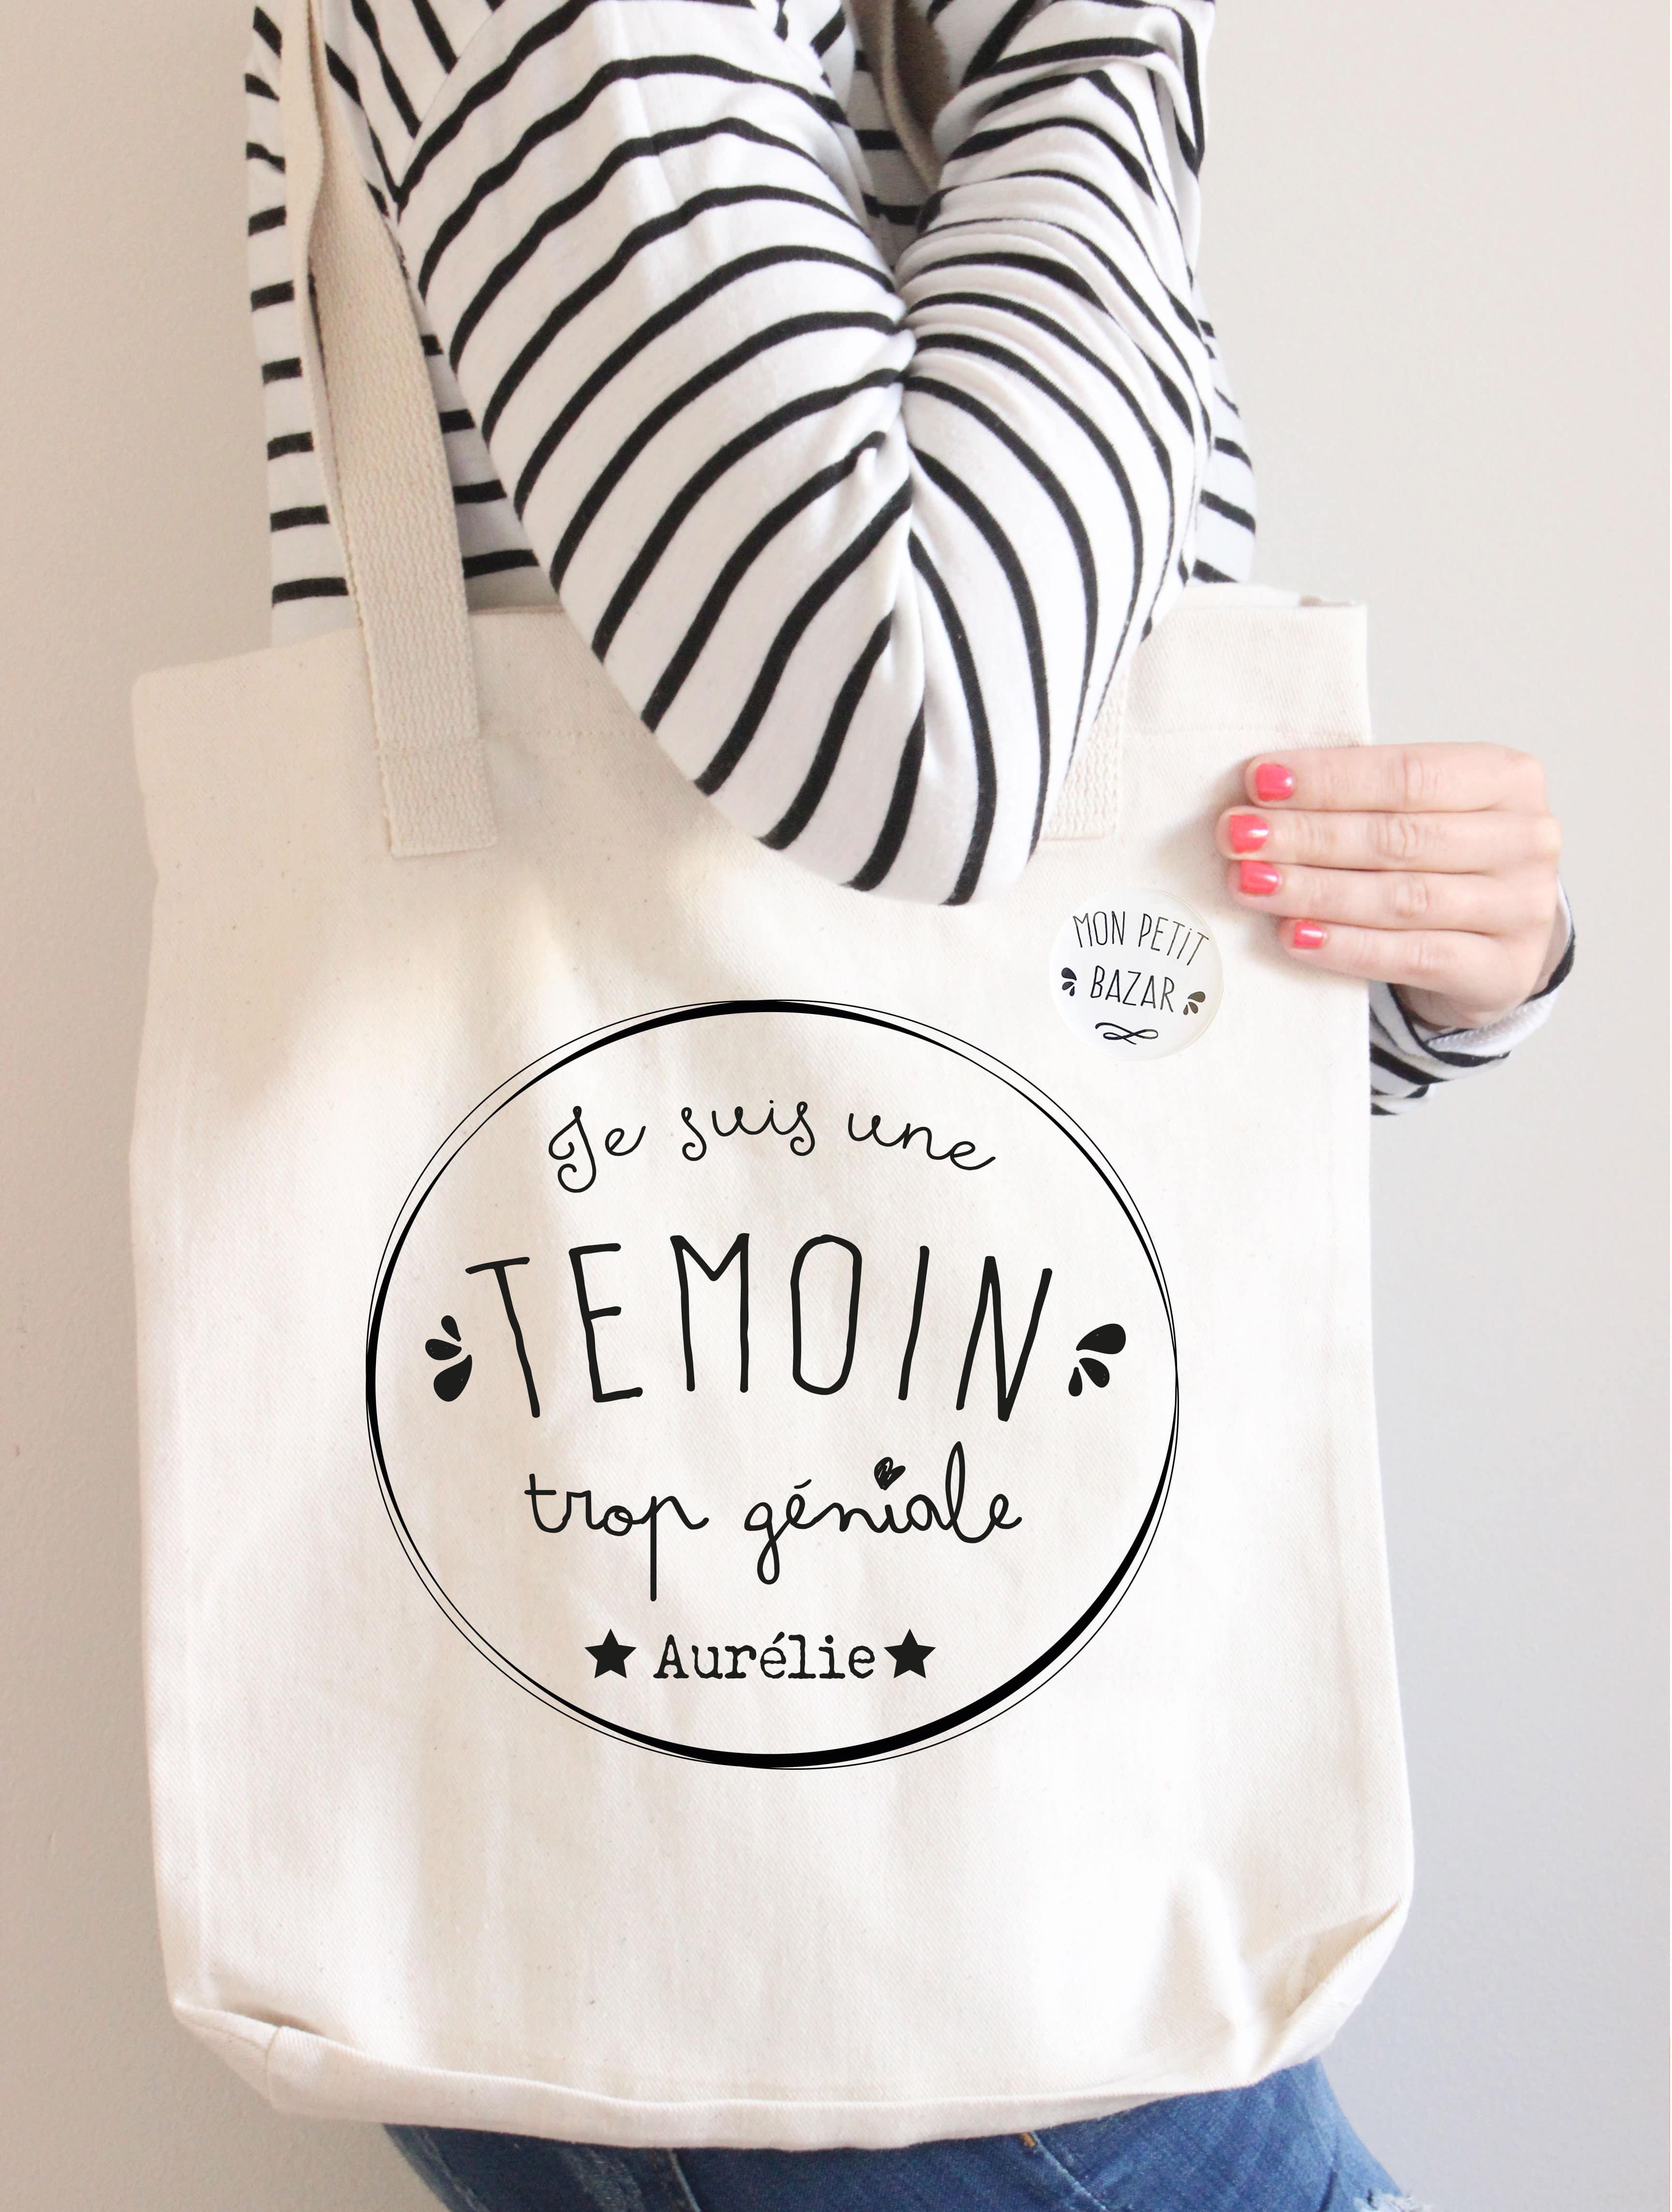 sac cadeau personnalis et son badge pour une t moin trop g niale. Black Bedroom Furniture Sets. Home Design Ideas